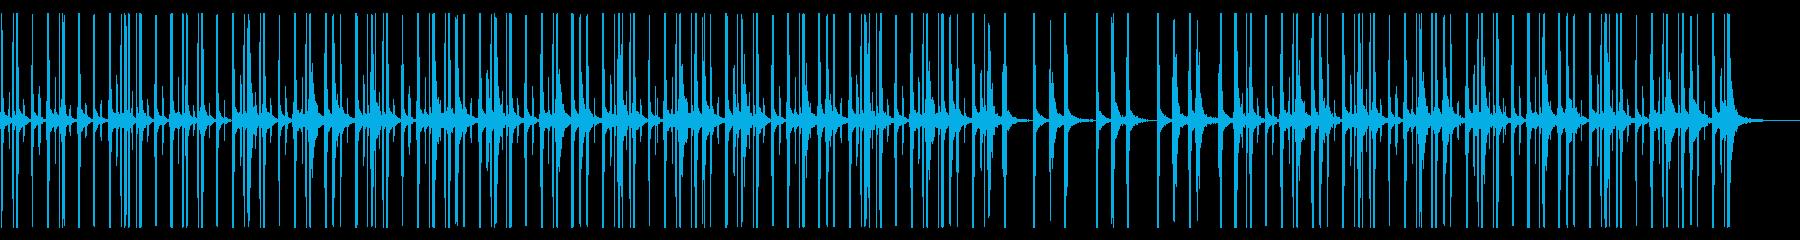 モダンで洗練されたストンプ CMなどにの再生済みの波形